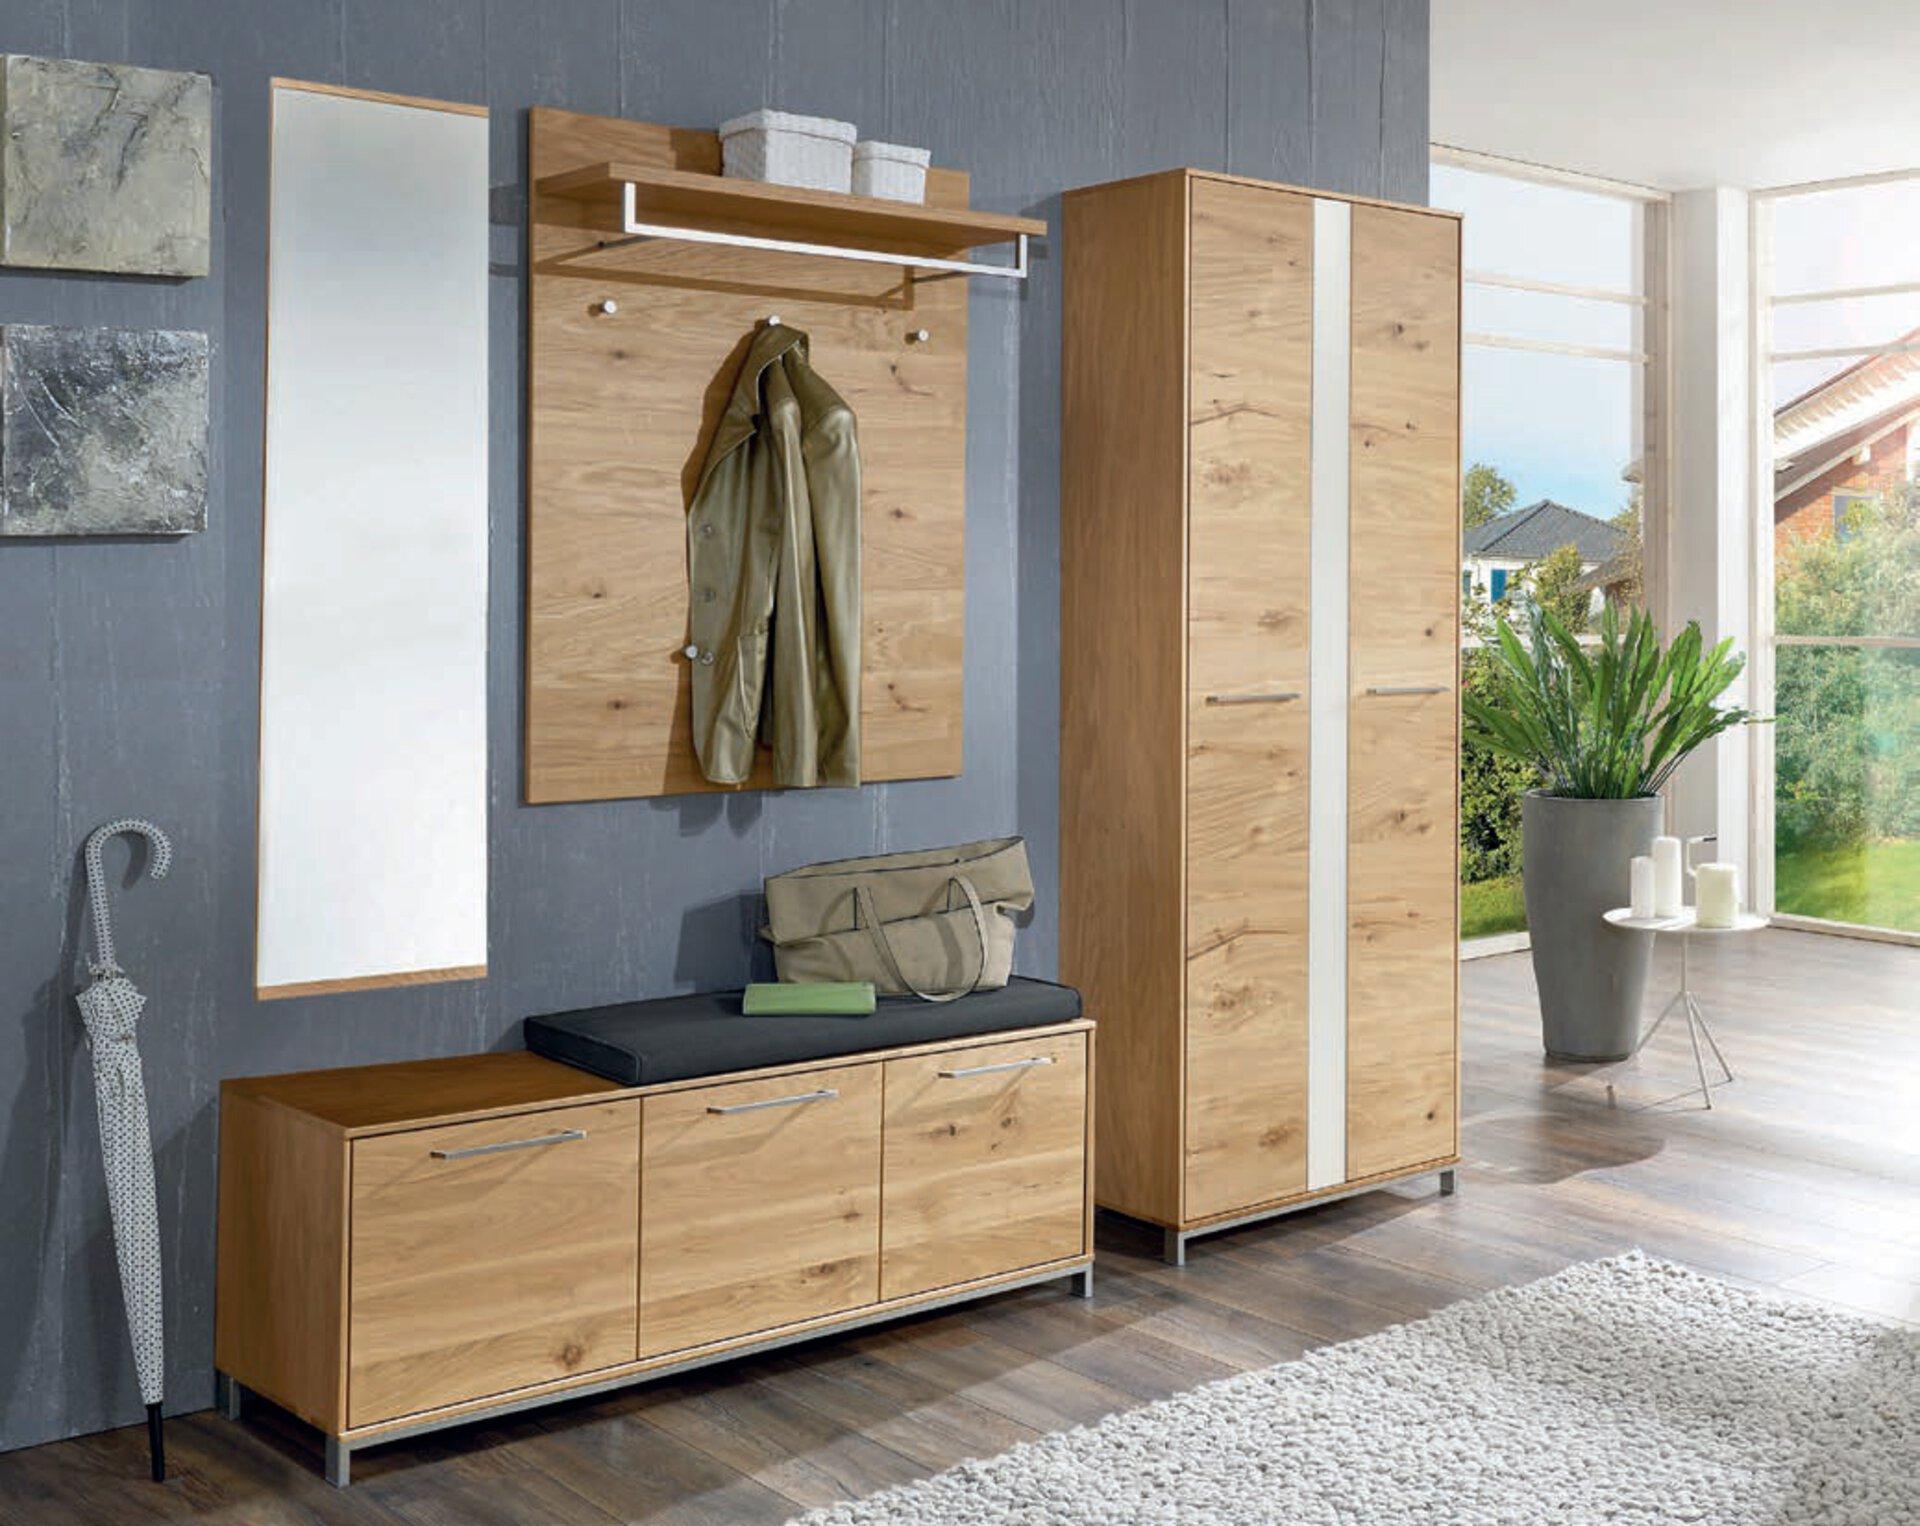 Garderobenbank VEDO Voss Möbel Holzwerkstoff braun 40 x 47 x 127 cm